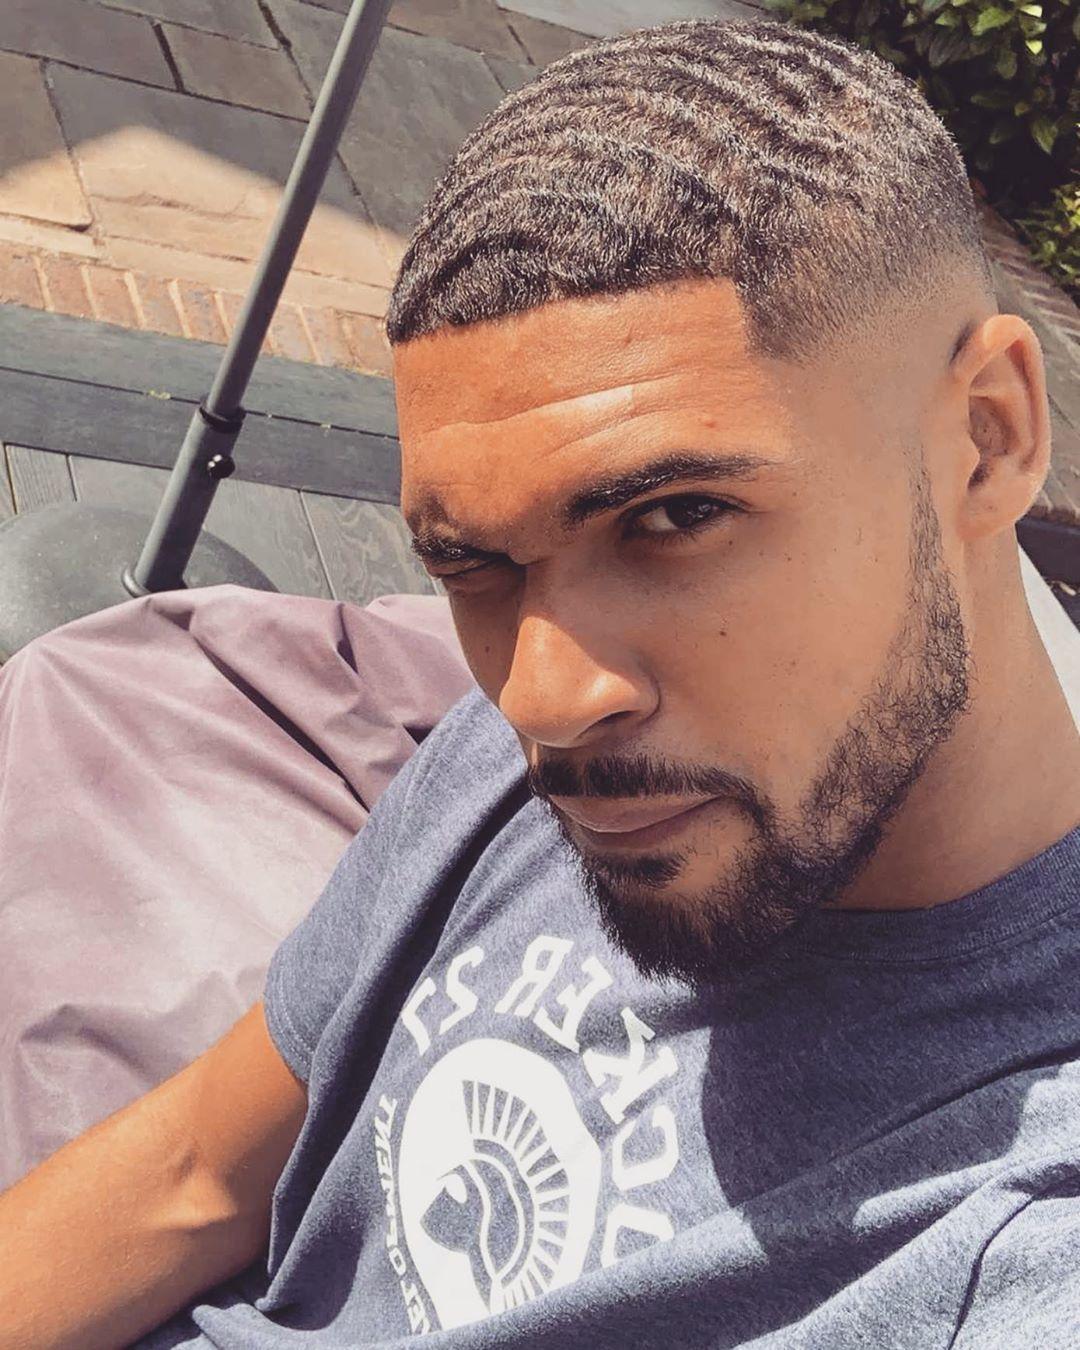 Haircut Near Me Newark Ca